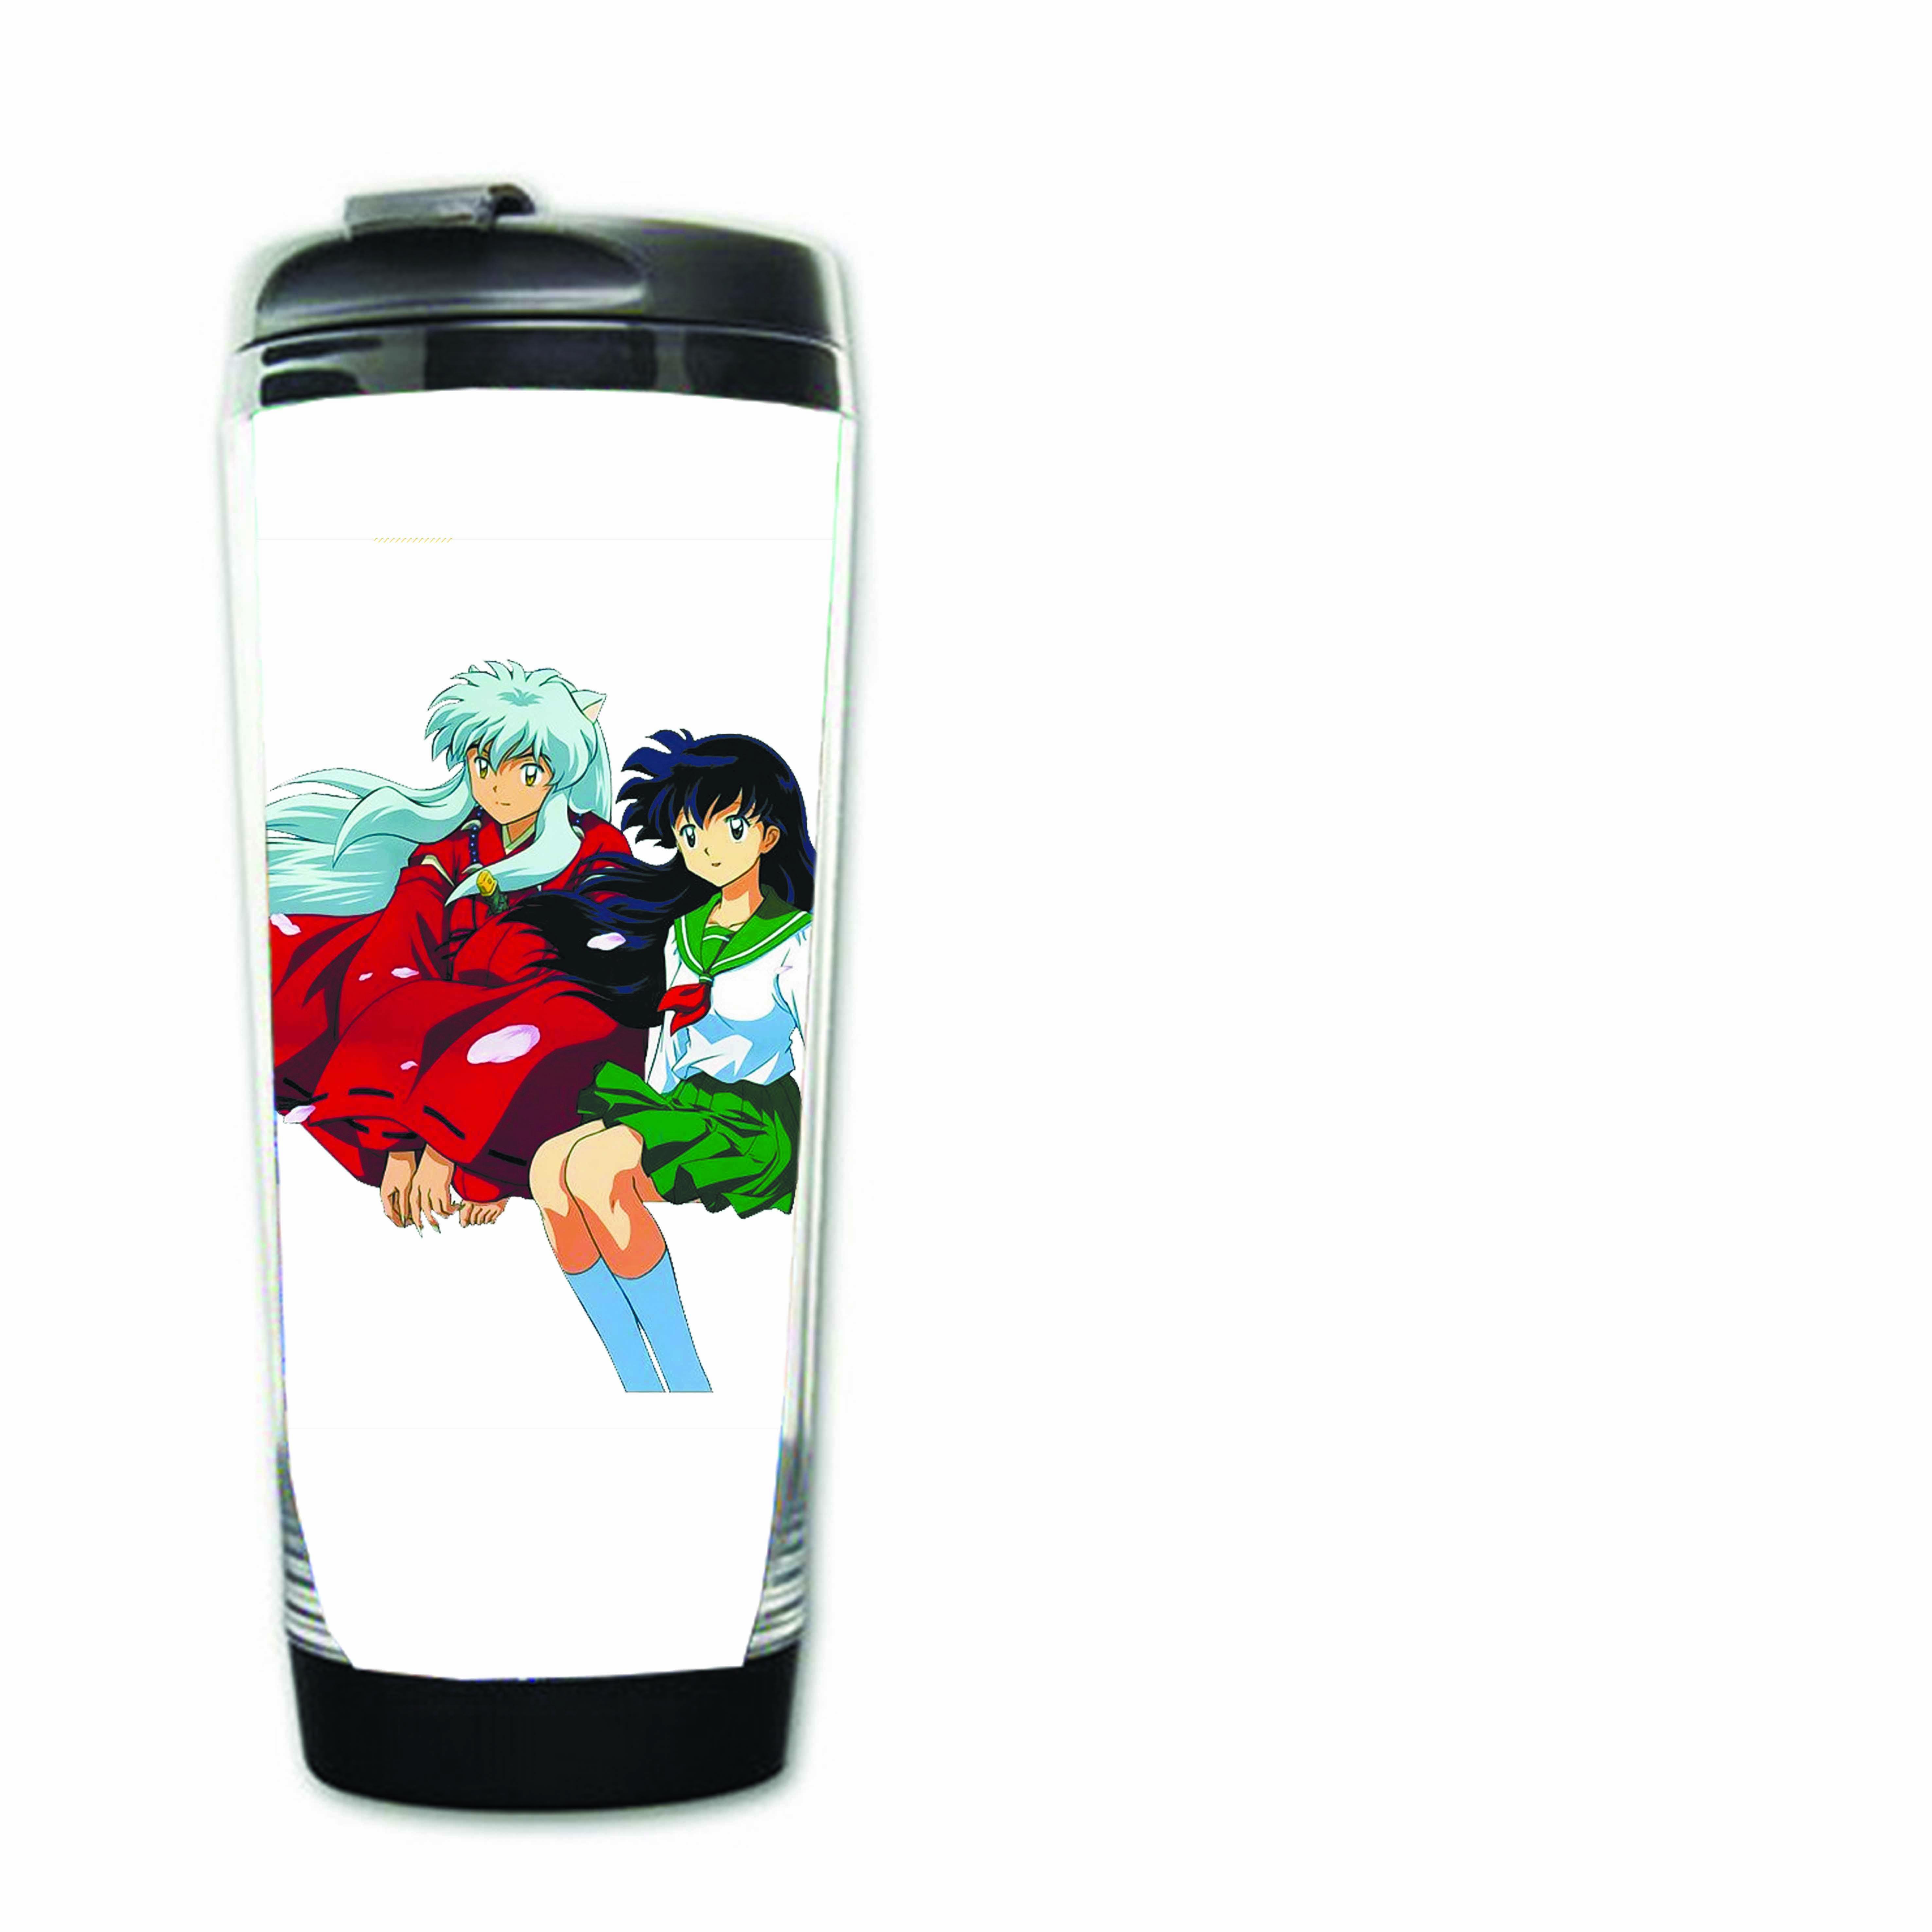 Bình nước nhựa IN HÌNH Inuyasha - Khuyển Dạ Xoa anime